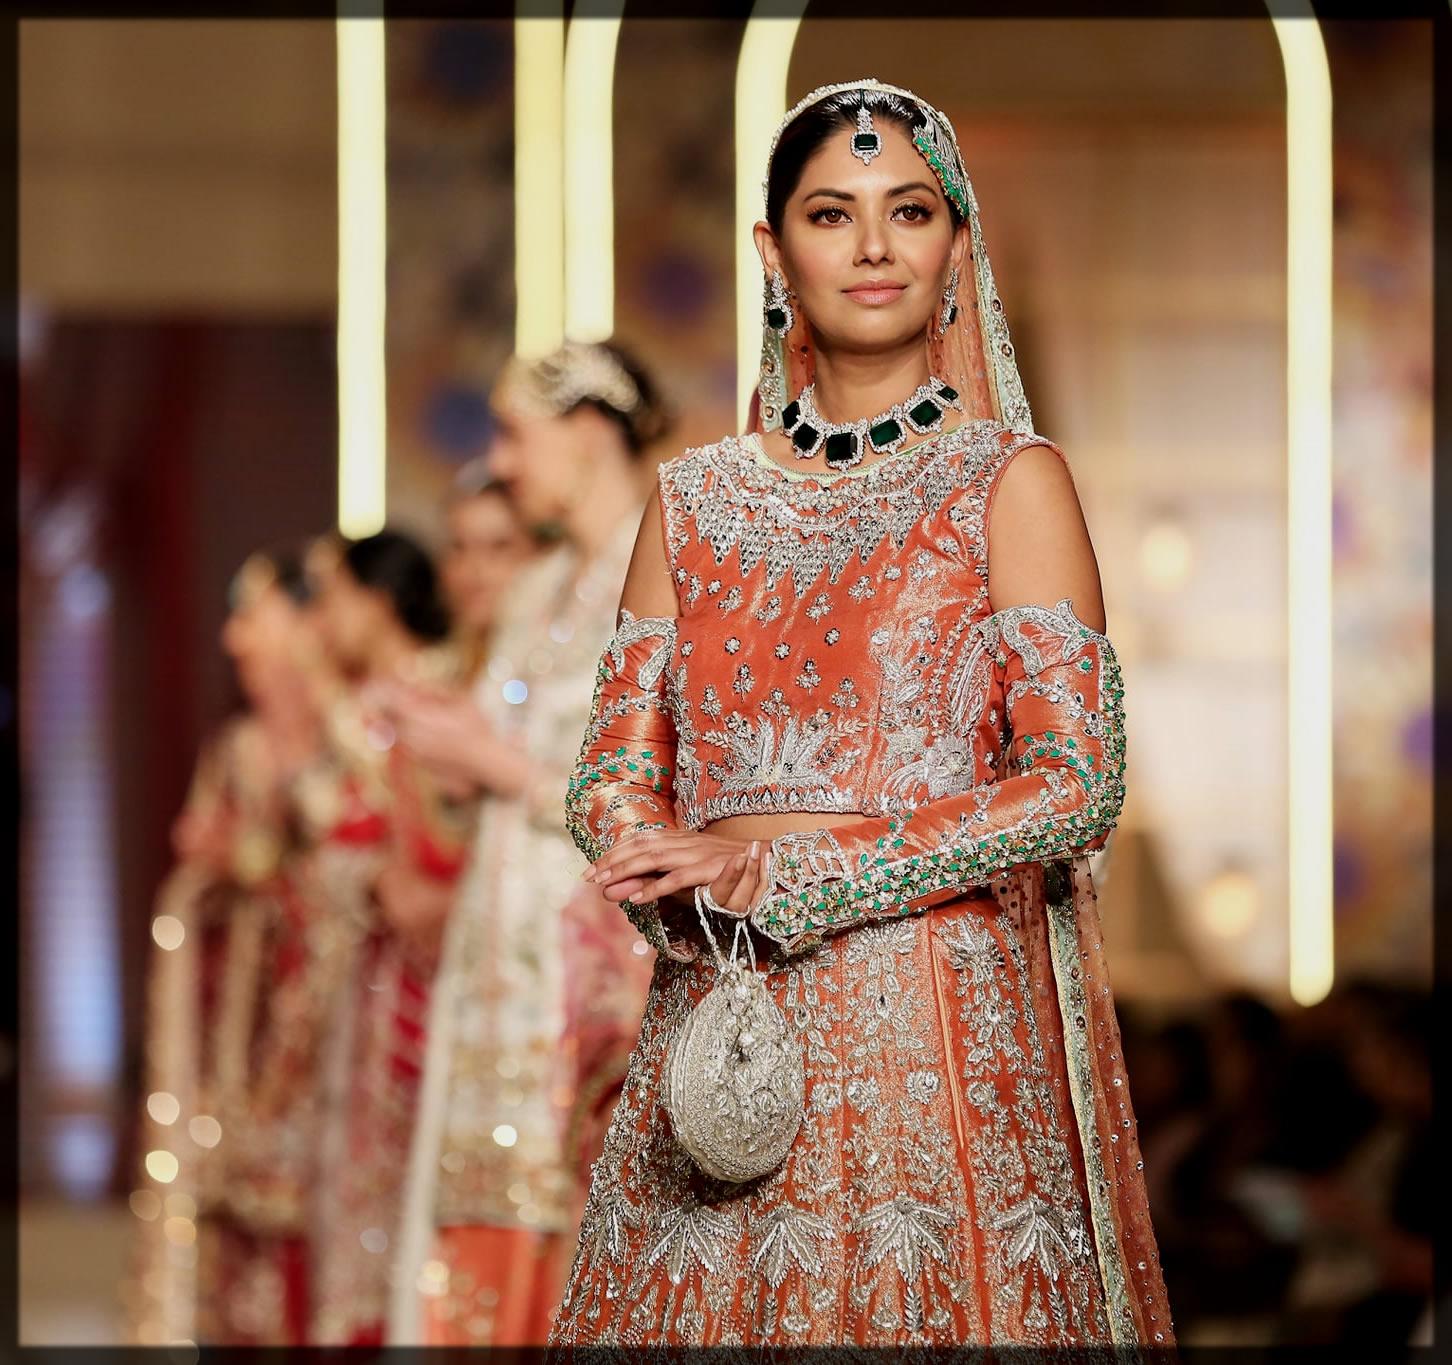 alluring bridal barat dress